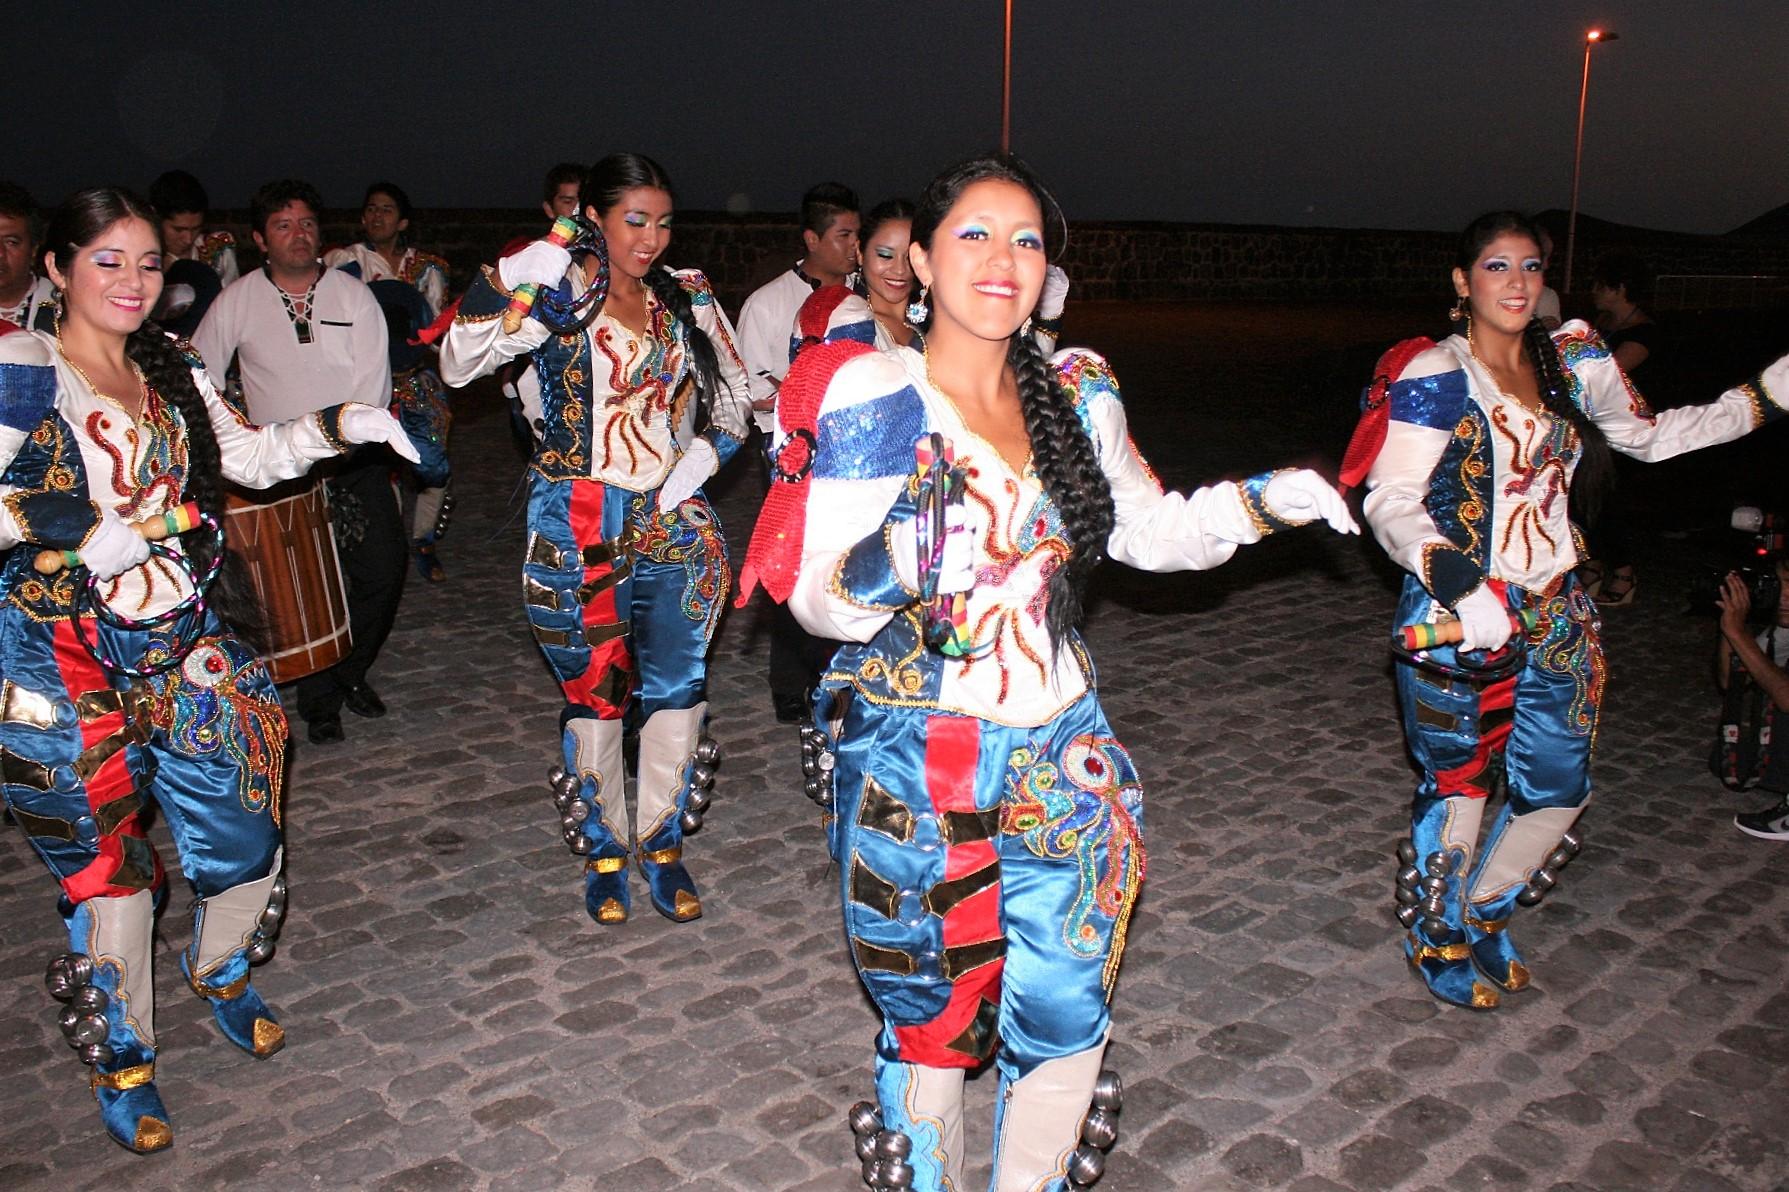 La XXIV Muestra Folclórica de los Pueblos se inicia este jueves en ...